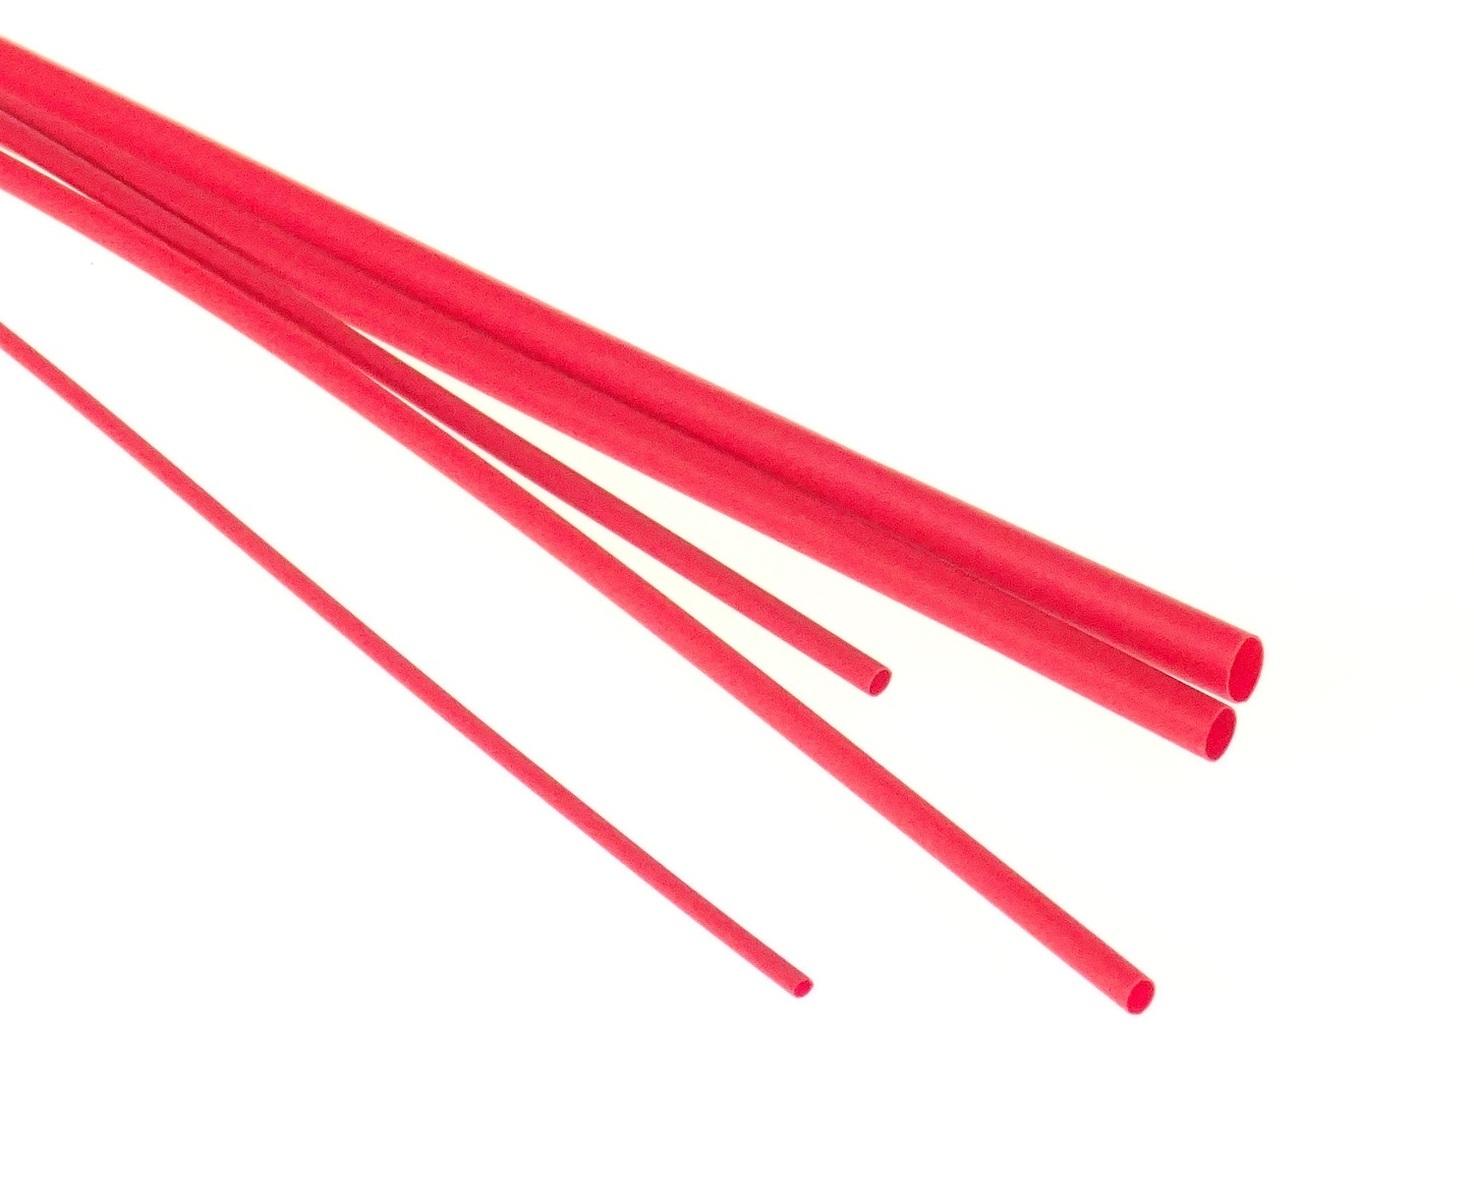 Bužírka - hadička smršťovací 3,2/1,6 mm, délka 1 m, polyetylen - červená